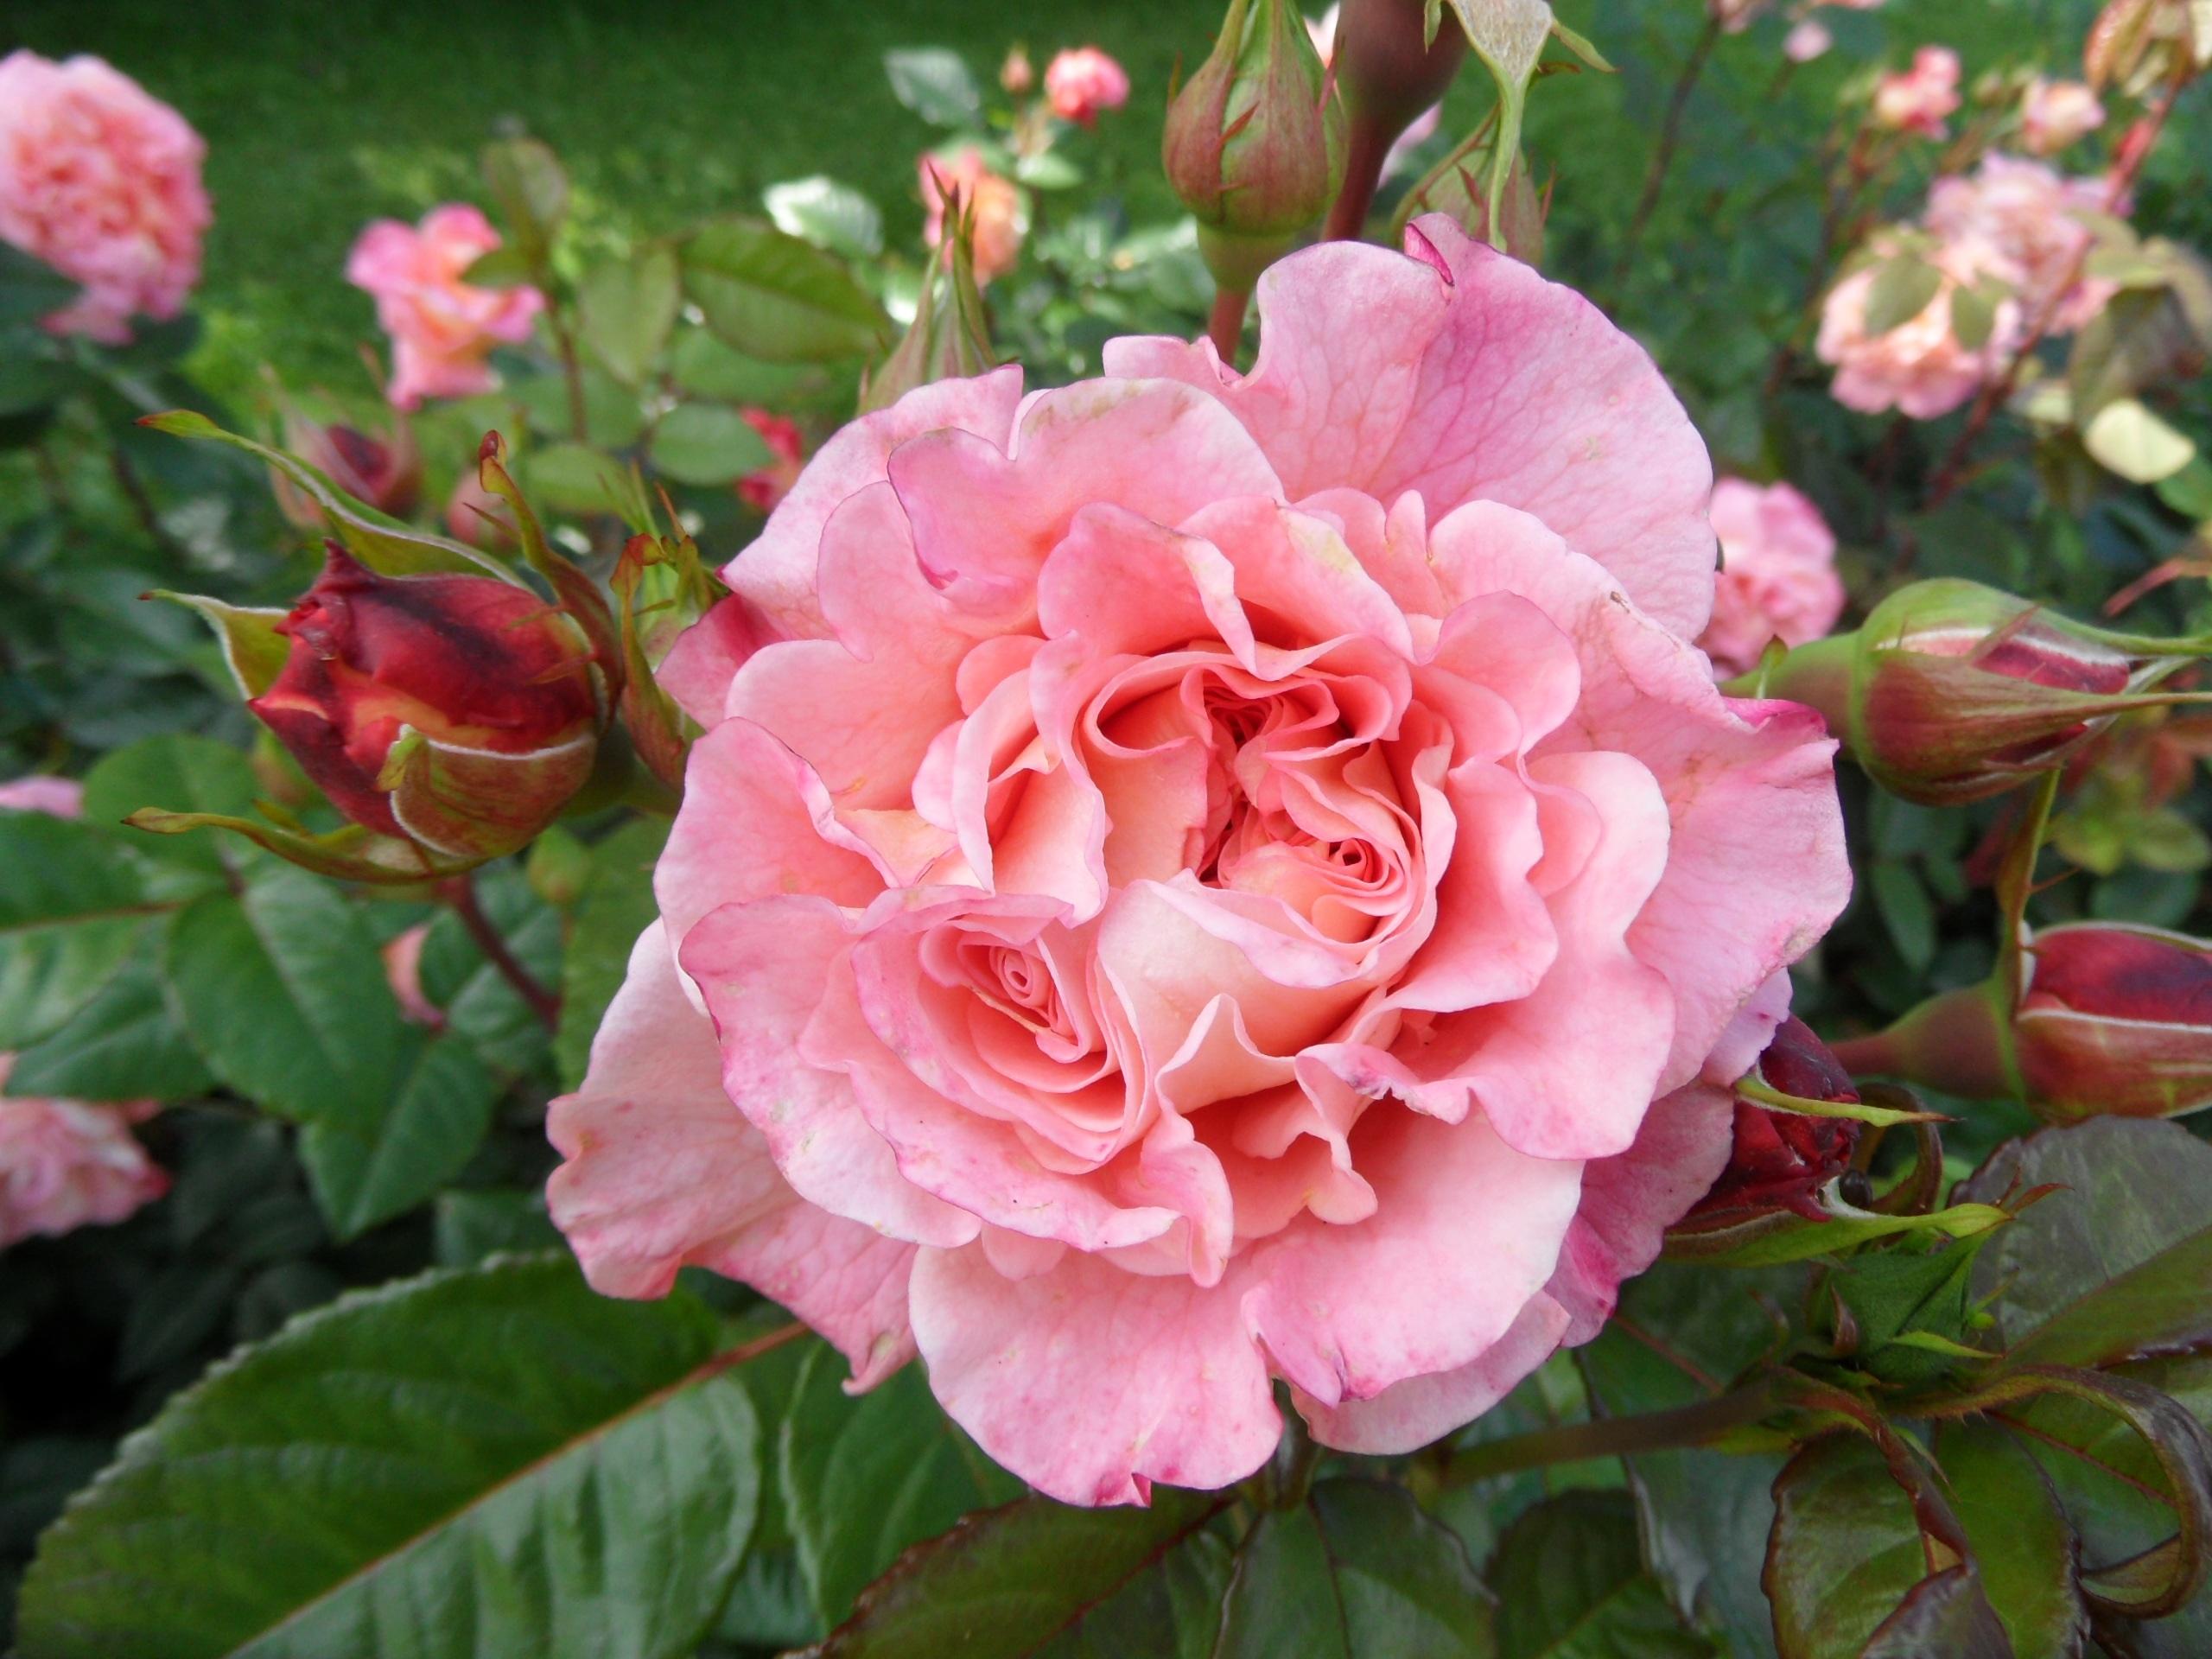 hình ảnh : thiên nhiên, thực vật, Cánh hoa, bông hồng, Hồng, Cây bụi, Floribunda, Tiếng Phần Lan, thực vật có hoa, Hoa hồng vườn, Gia đình tăng, Tampere, ...